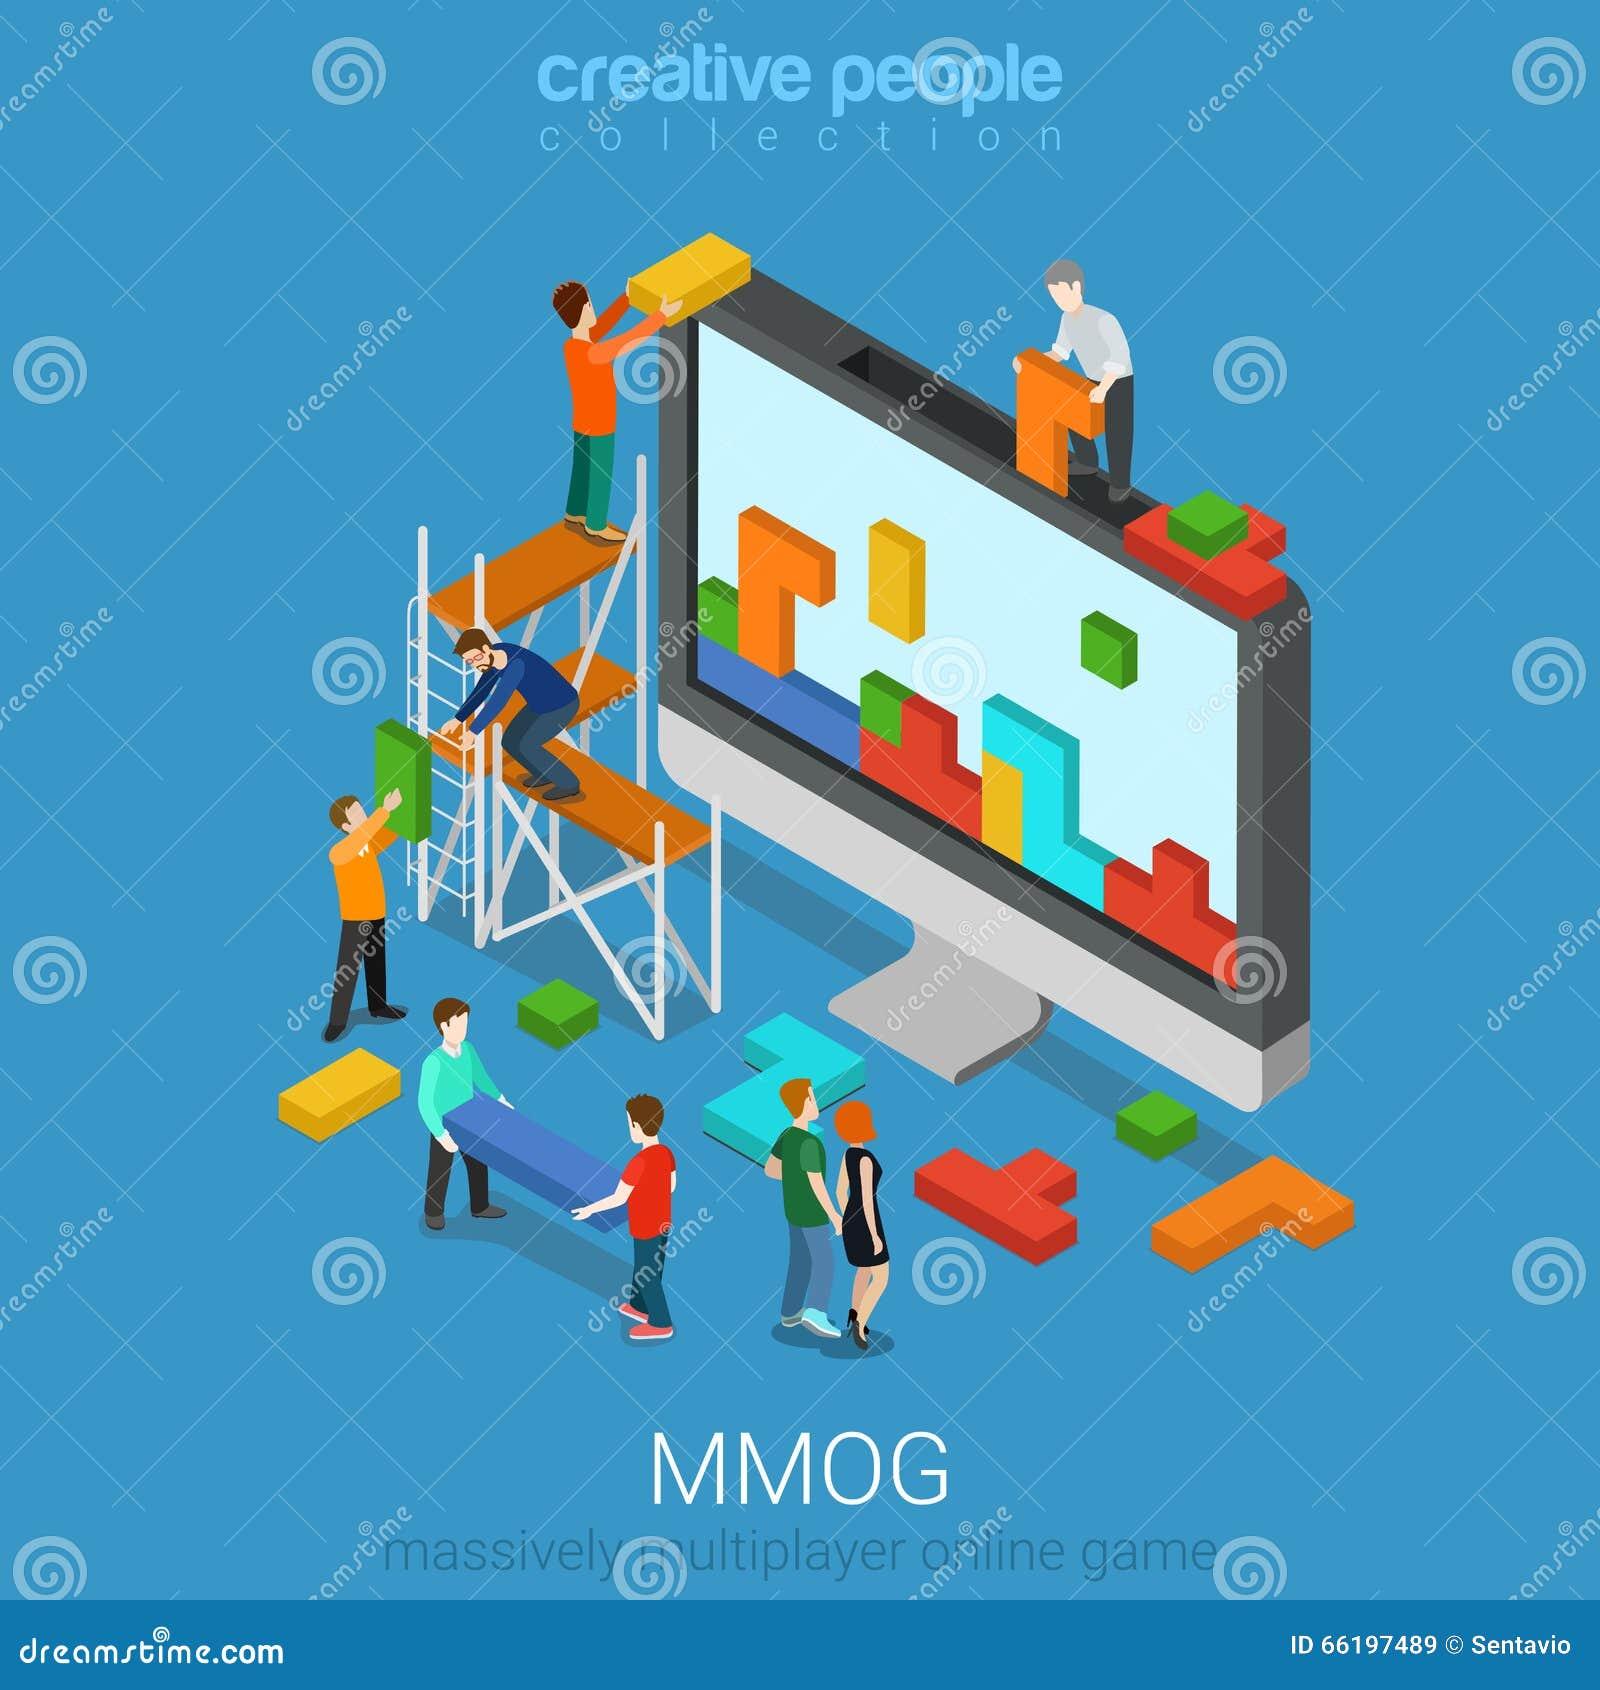 För online speldobbel för MMOG kraftigt isometrisk multiplayer lägenhet 3d